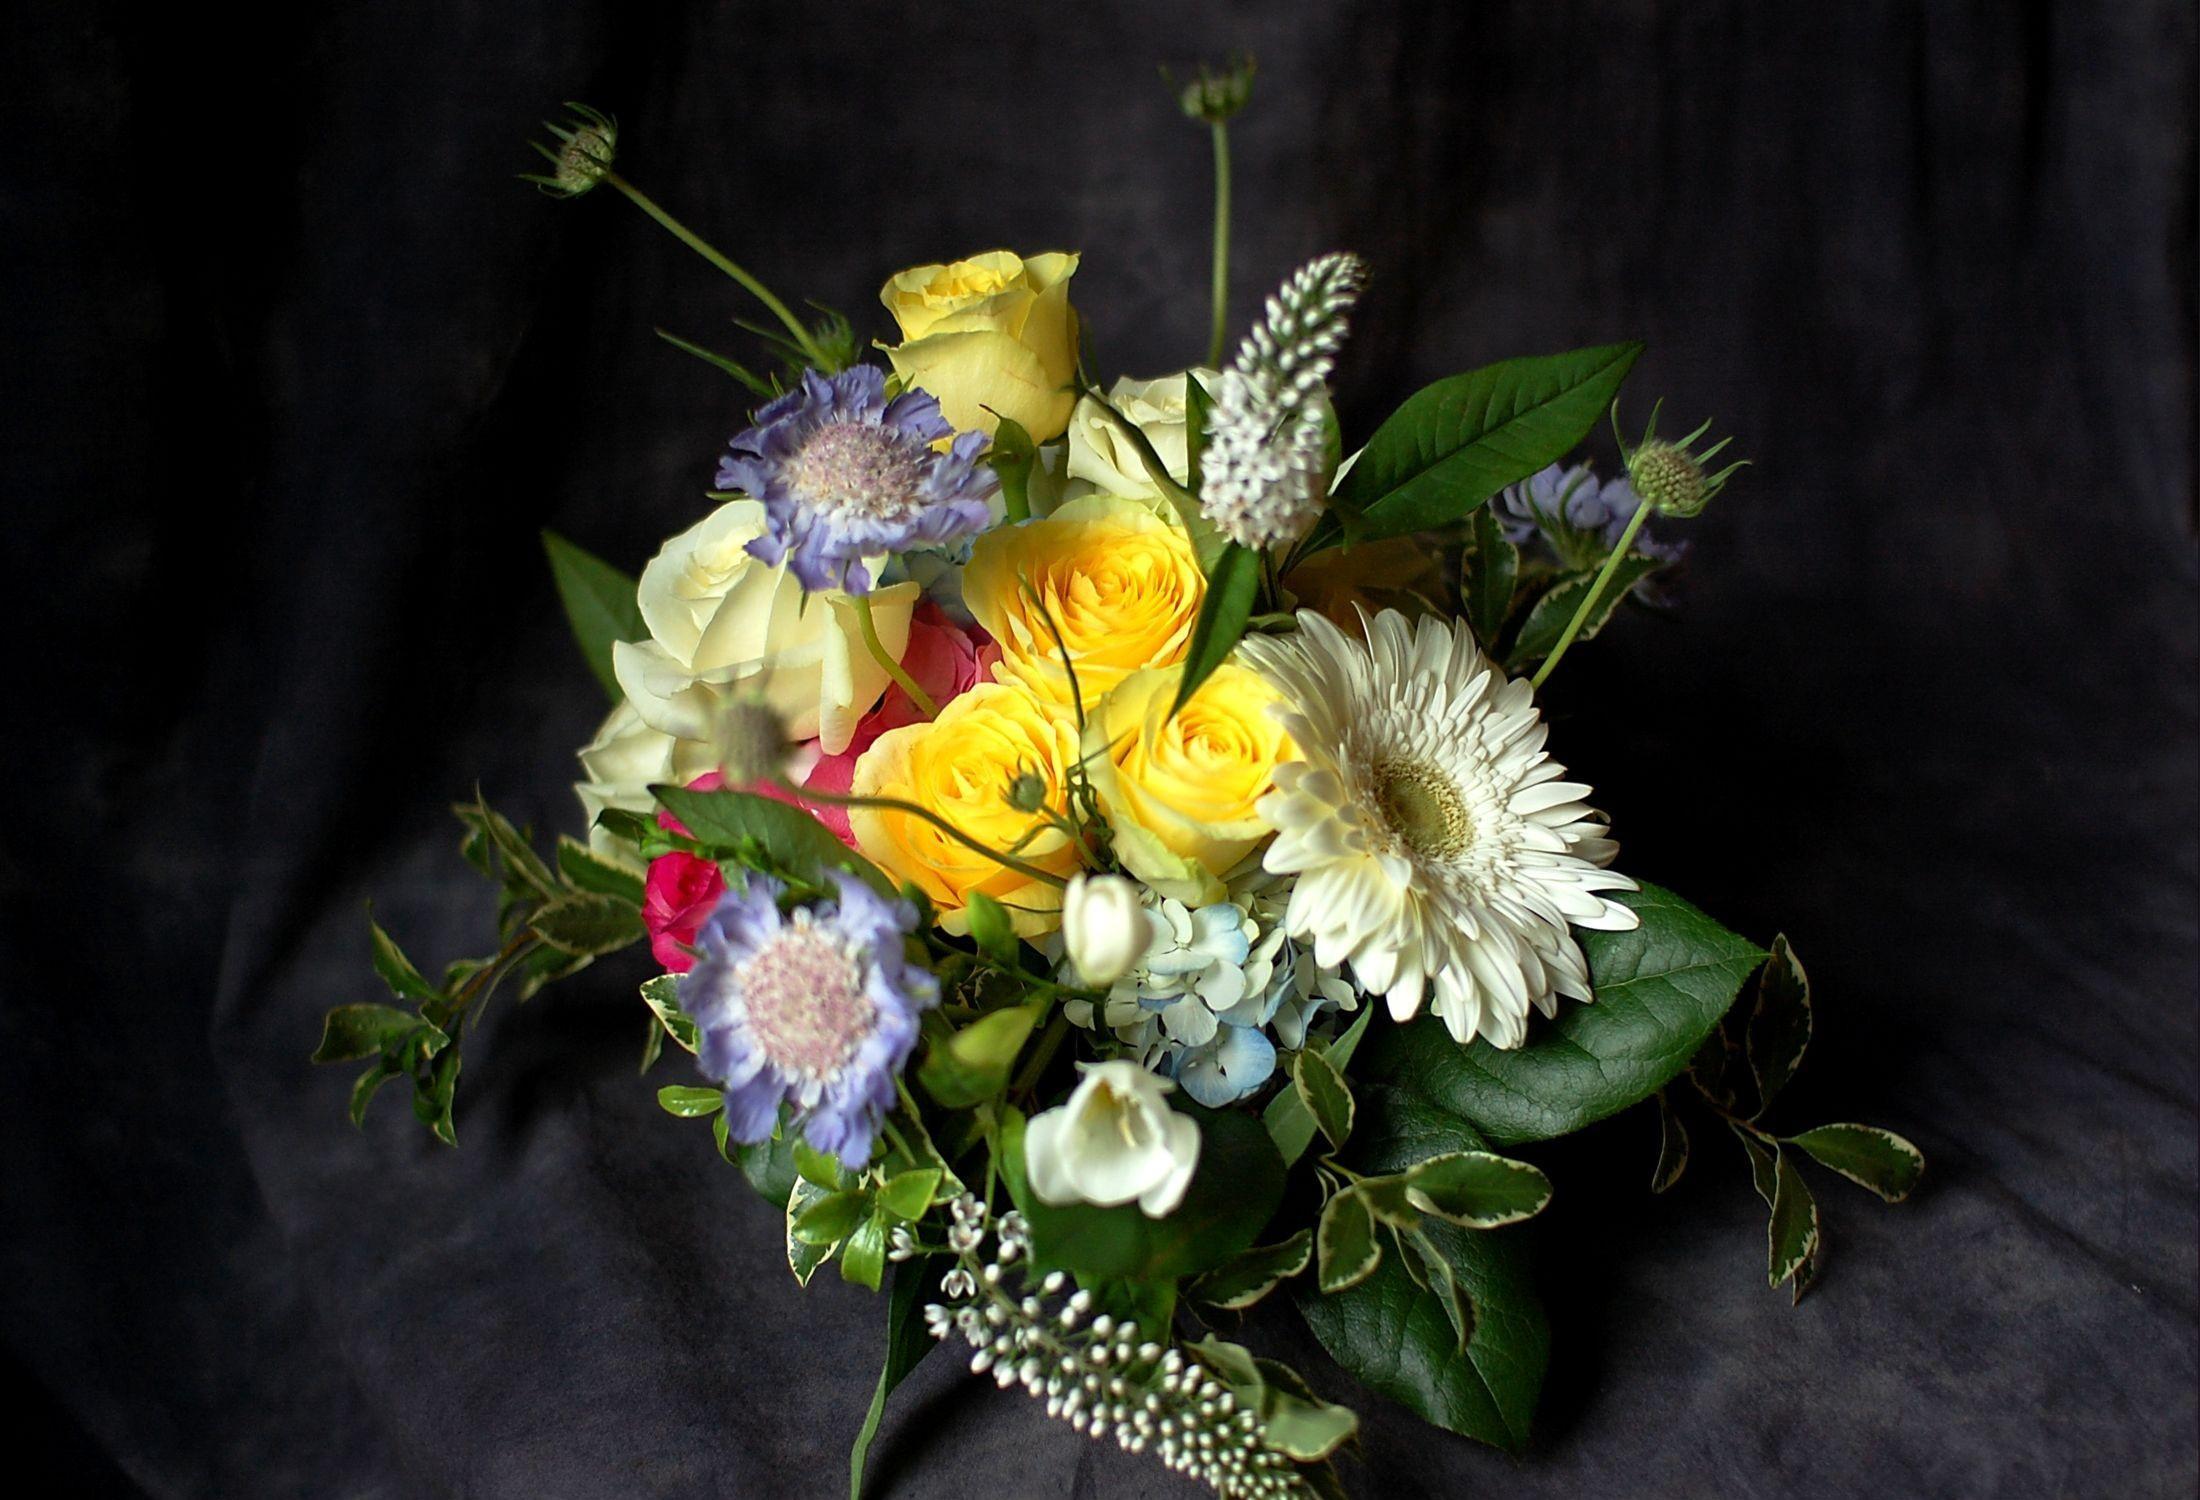 94269 скачать обои Цветы, Гербера, Букет, Композиция, Оформление, Розы - заставки и картинки бесплатно